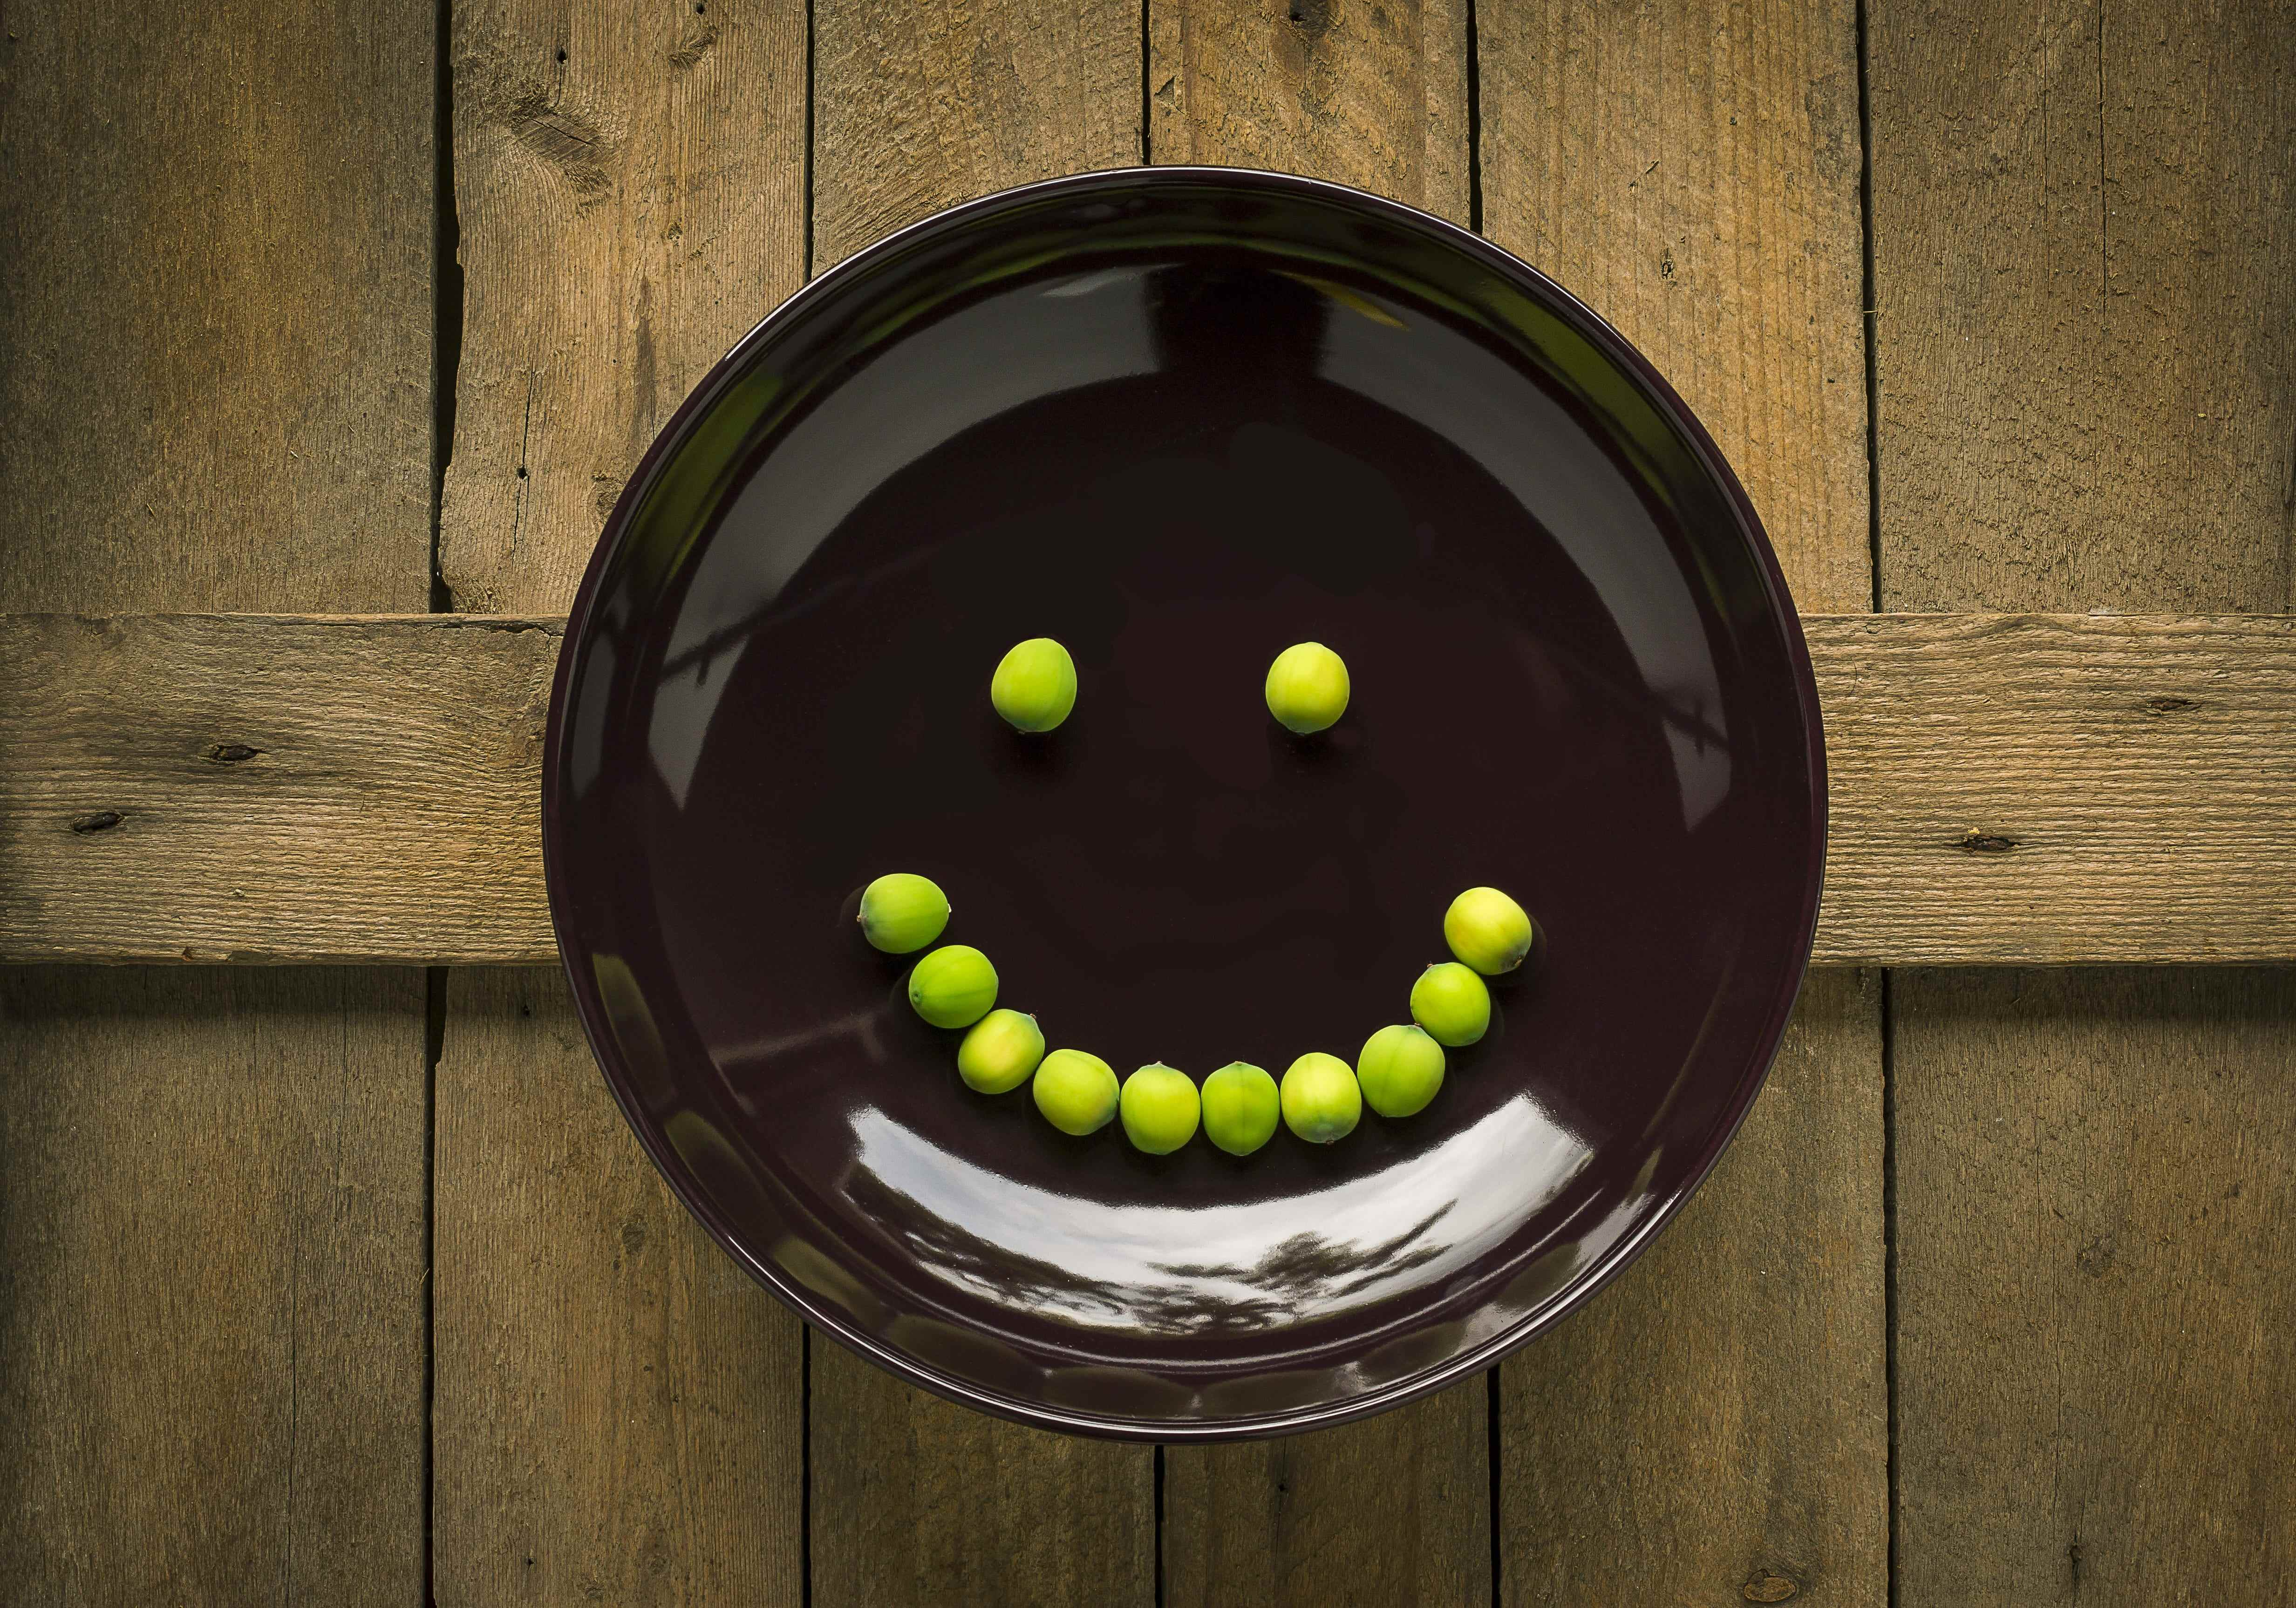 insufficienza renale e alimentazione